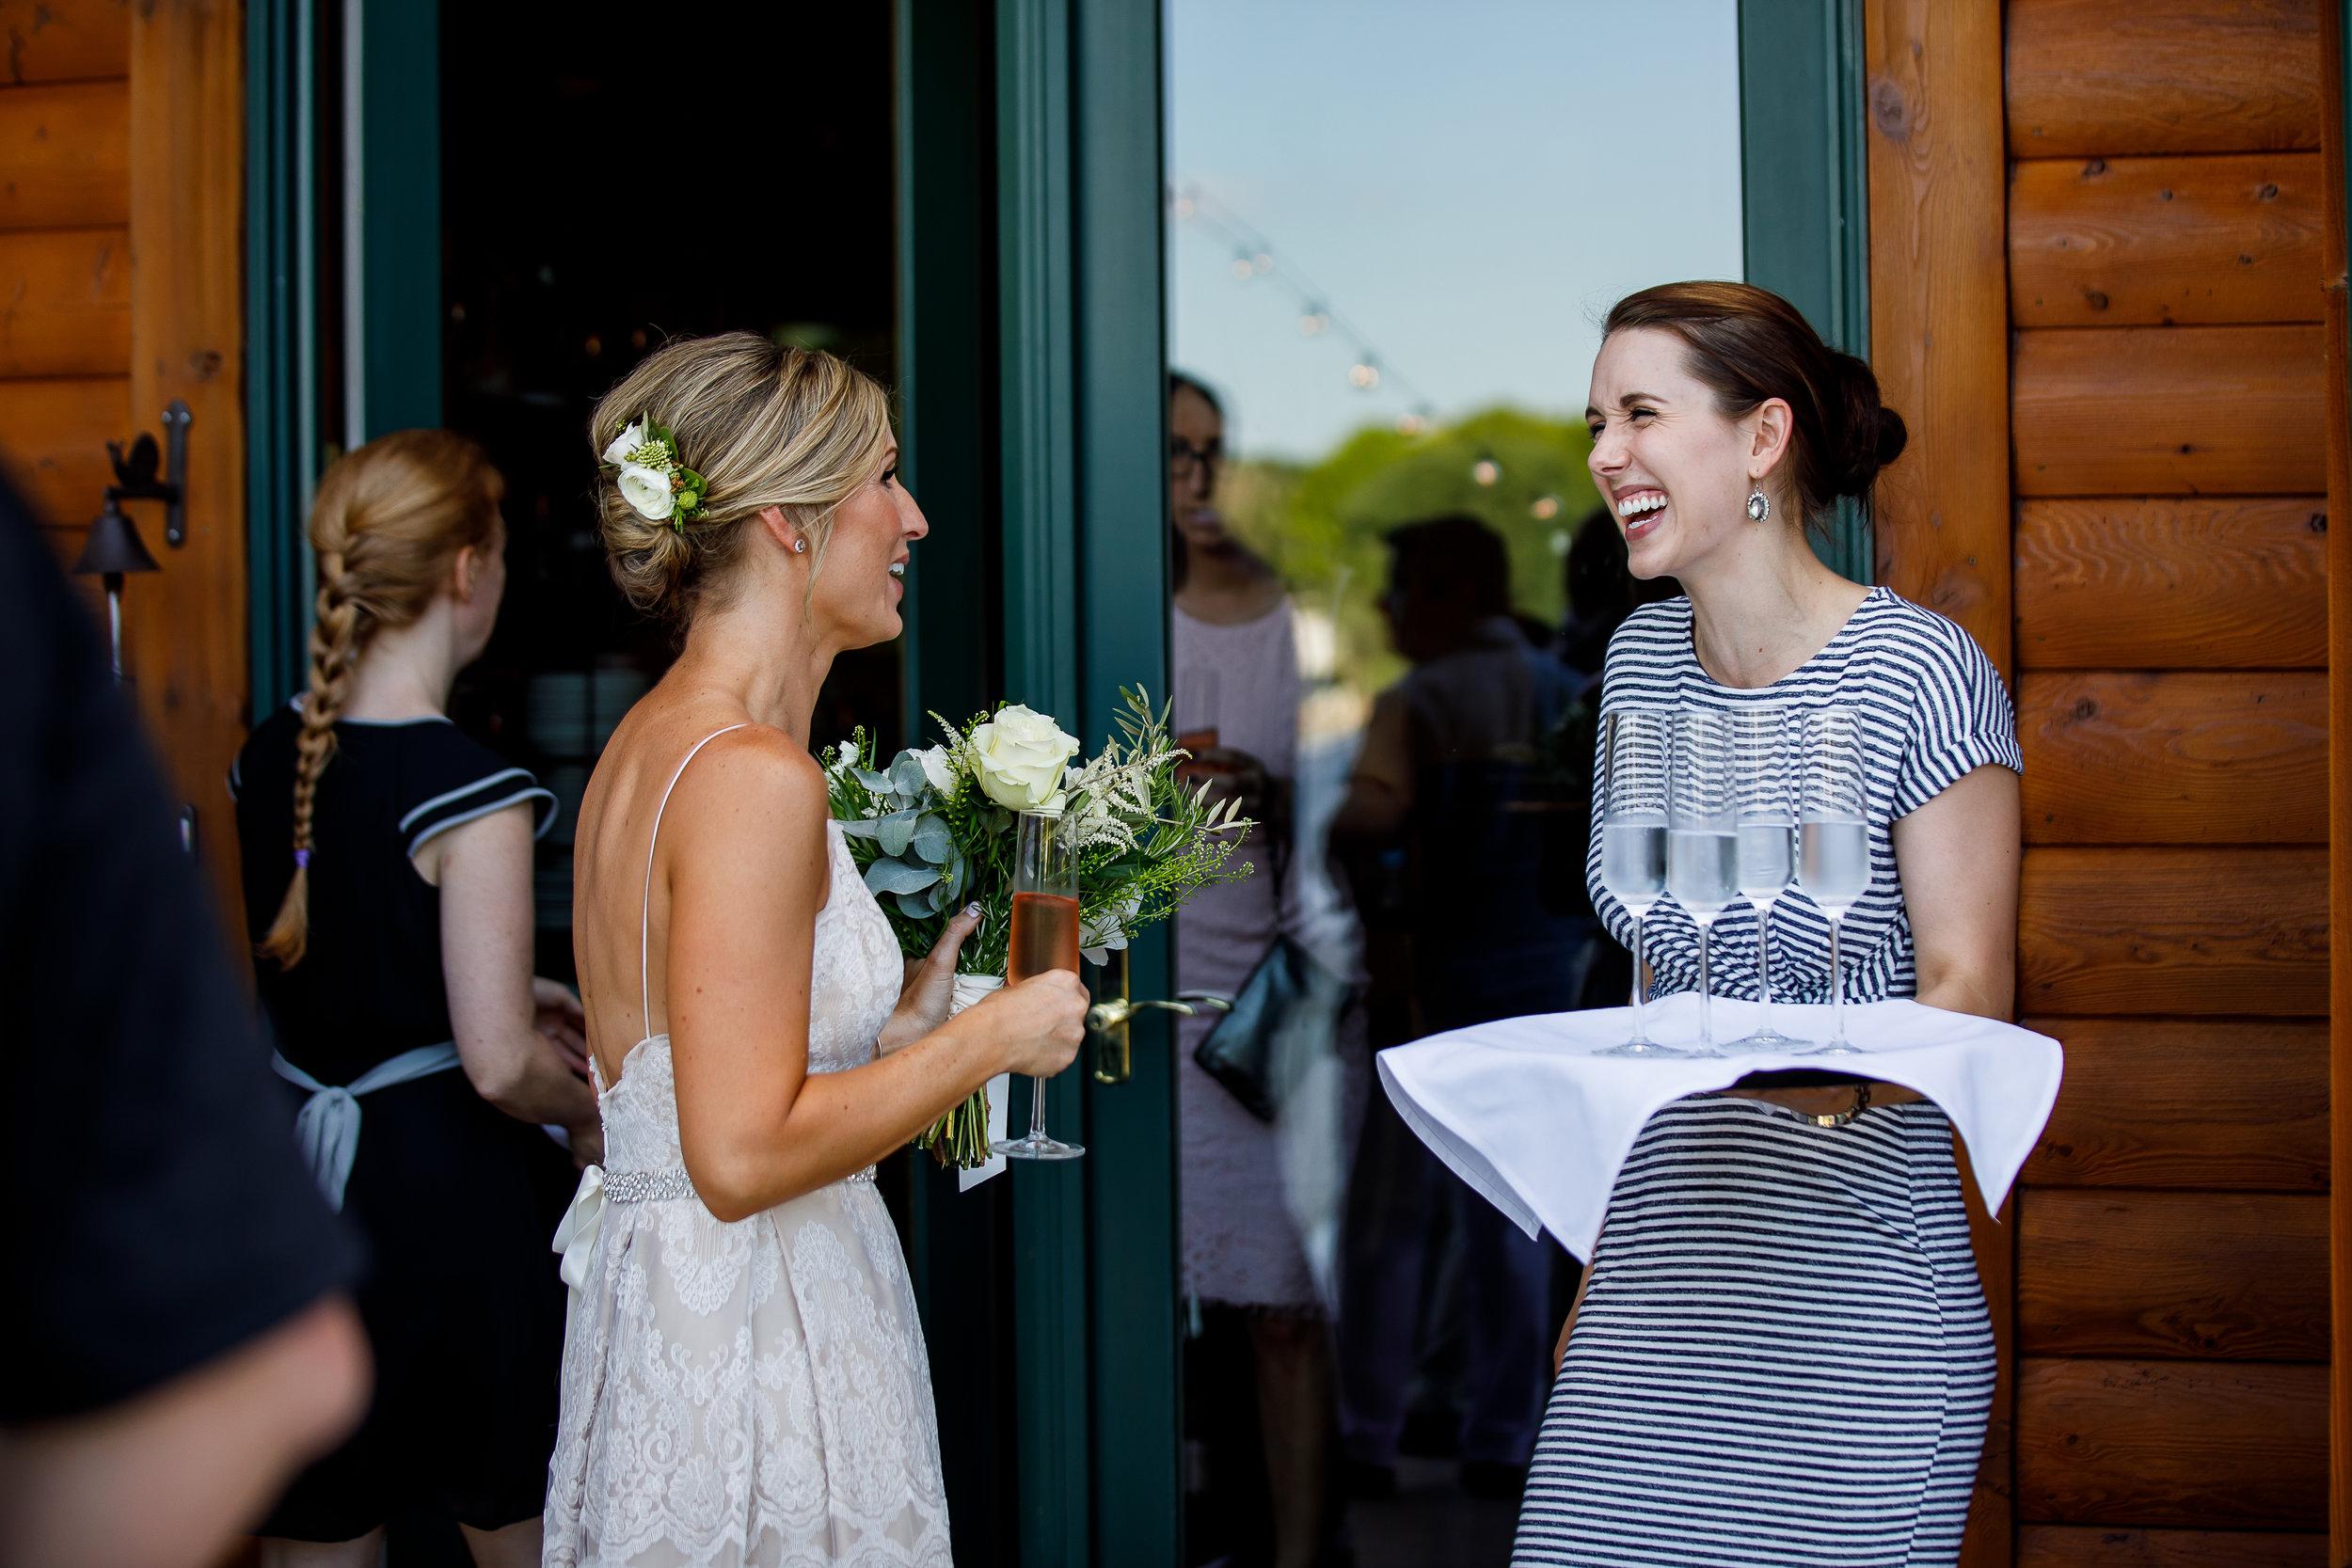 lake_wedding_ali_tim_desett_